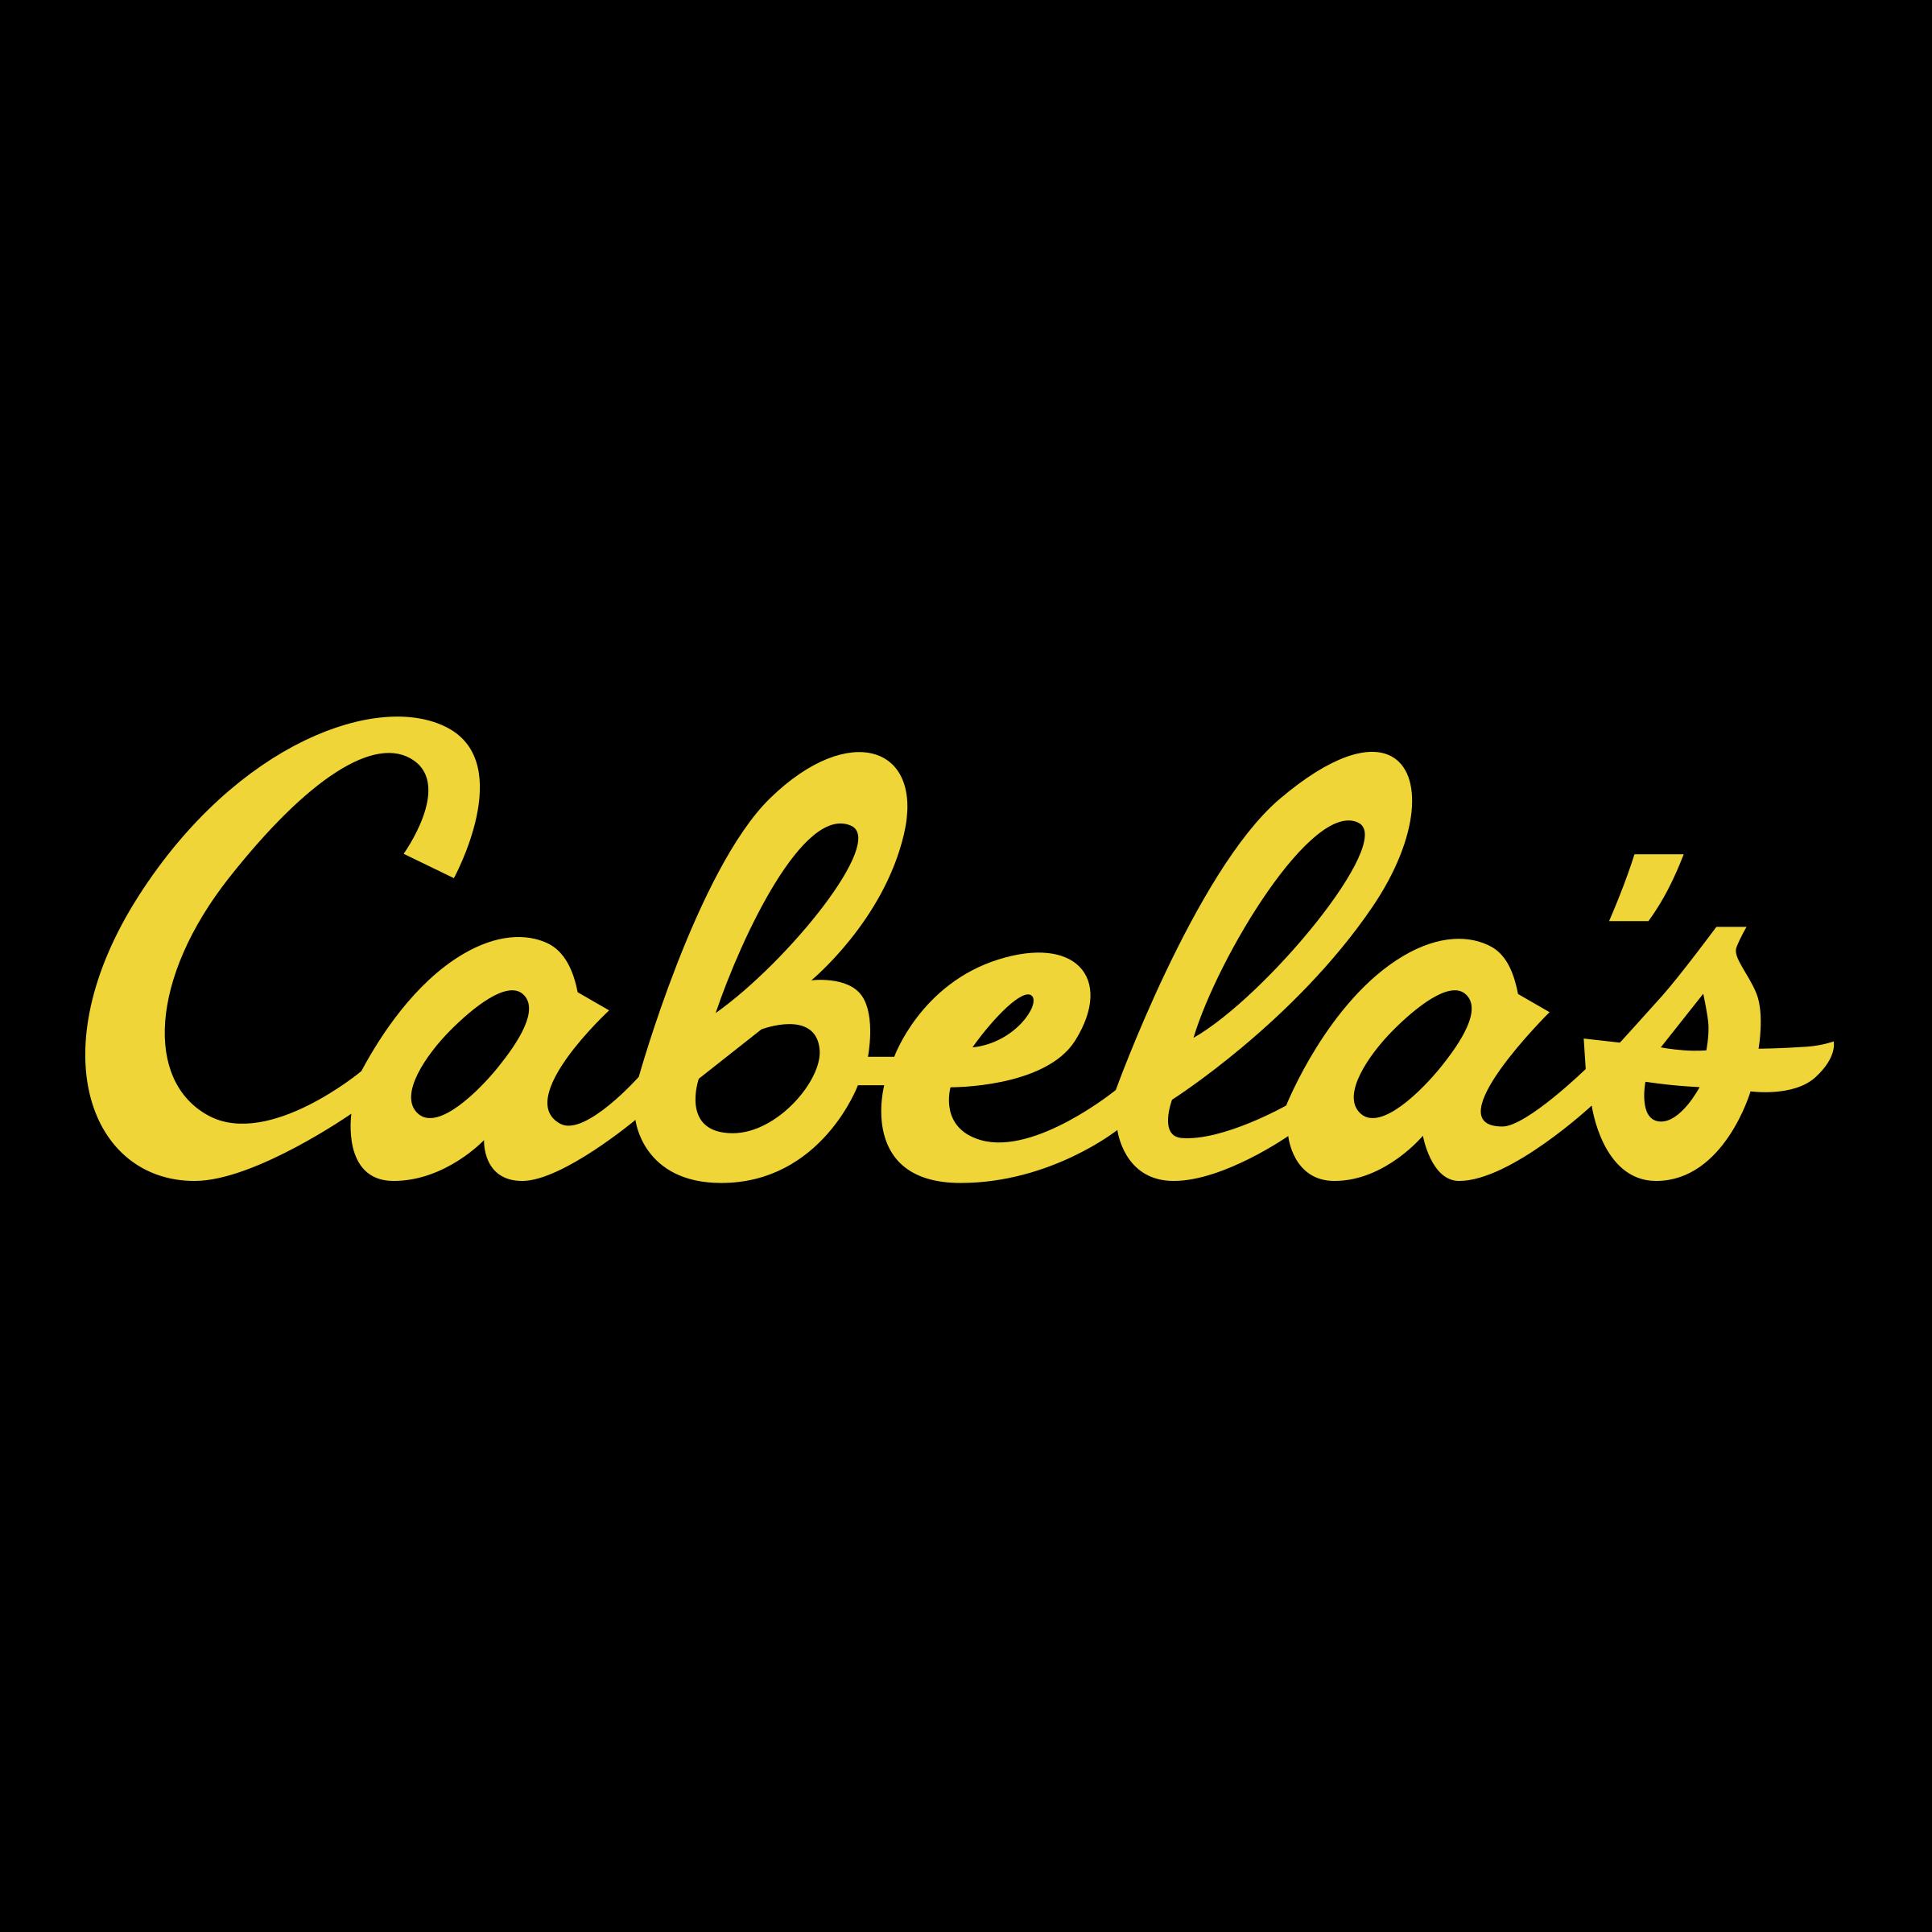 Cabela's Logo PNG Transparent & SVG Vector.